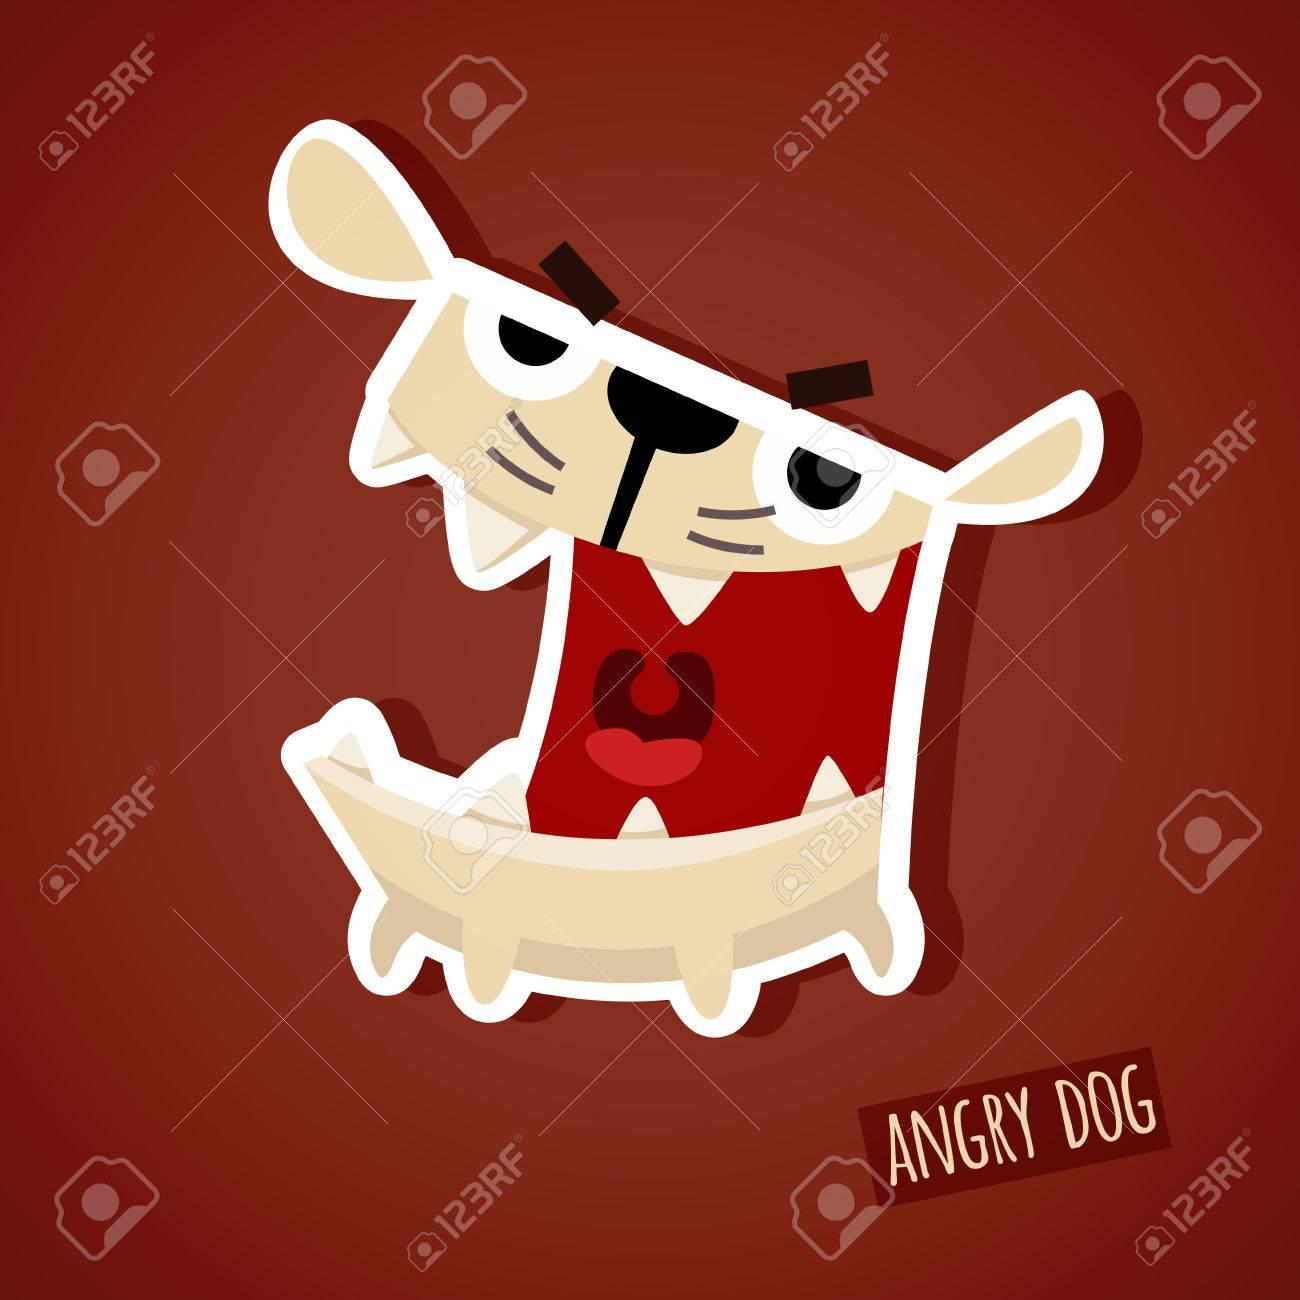 かわいい面白い怒っている犬のベクター イラストですeps 10 ファイル